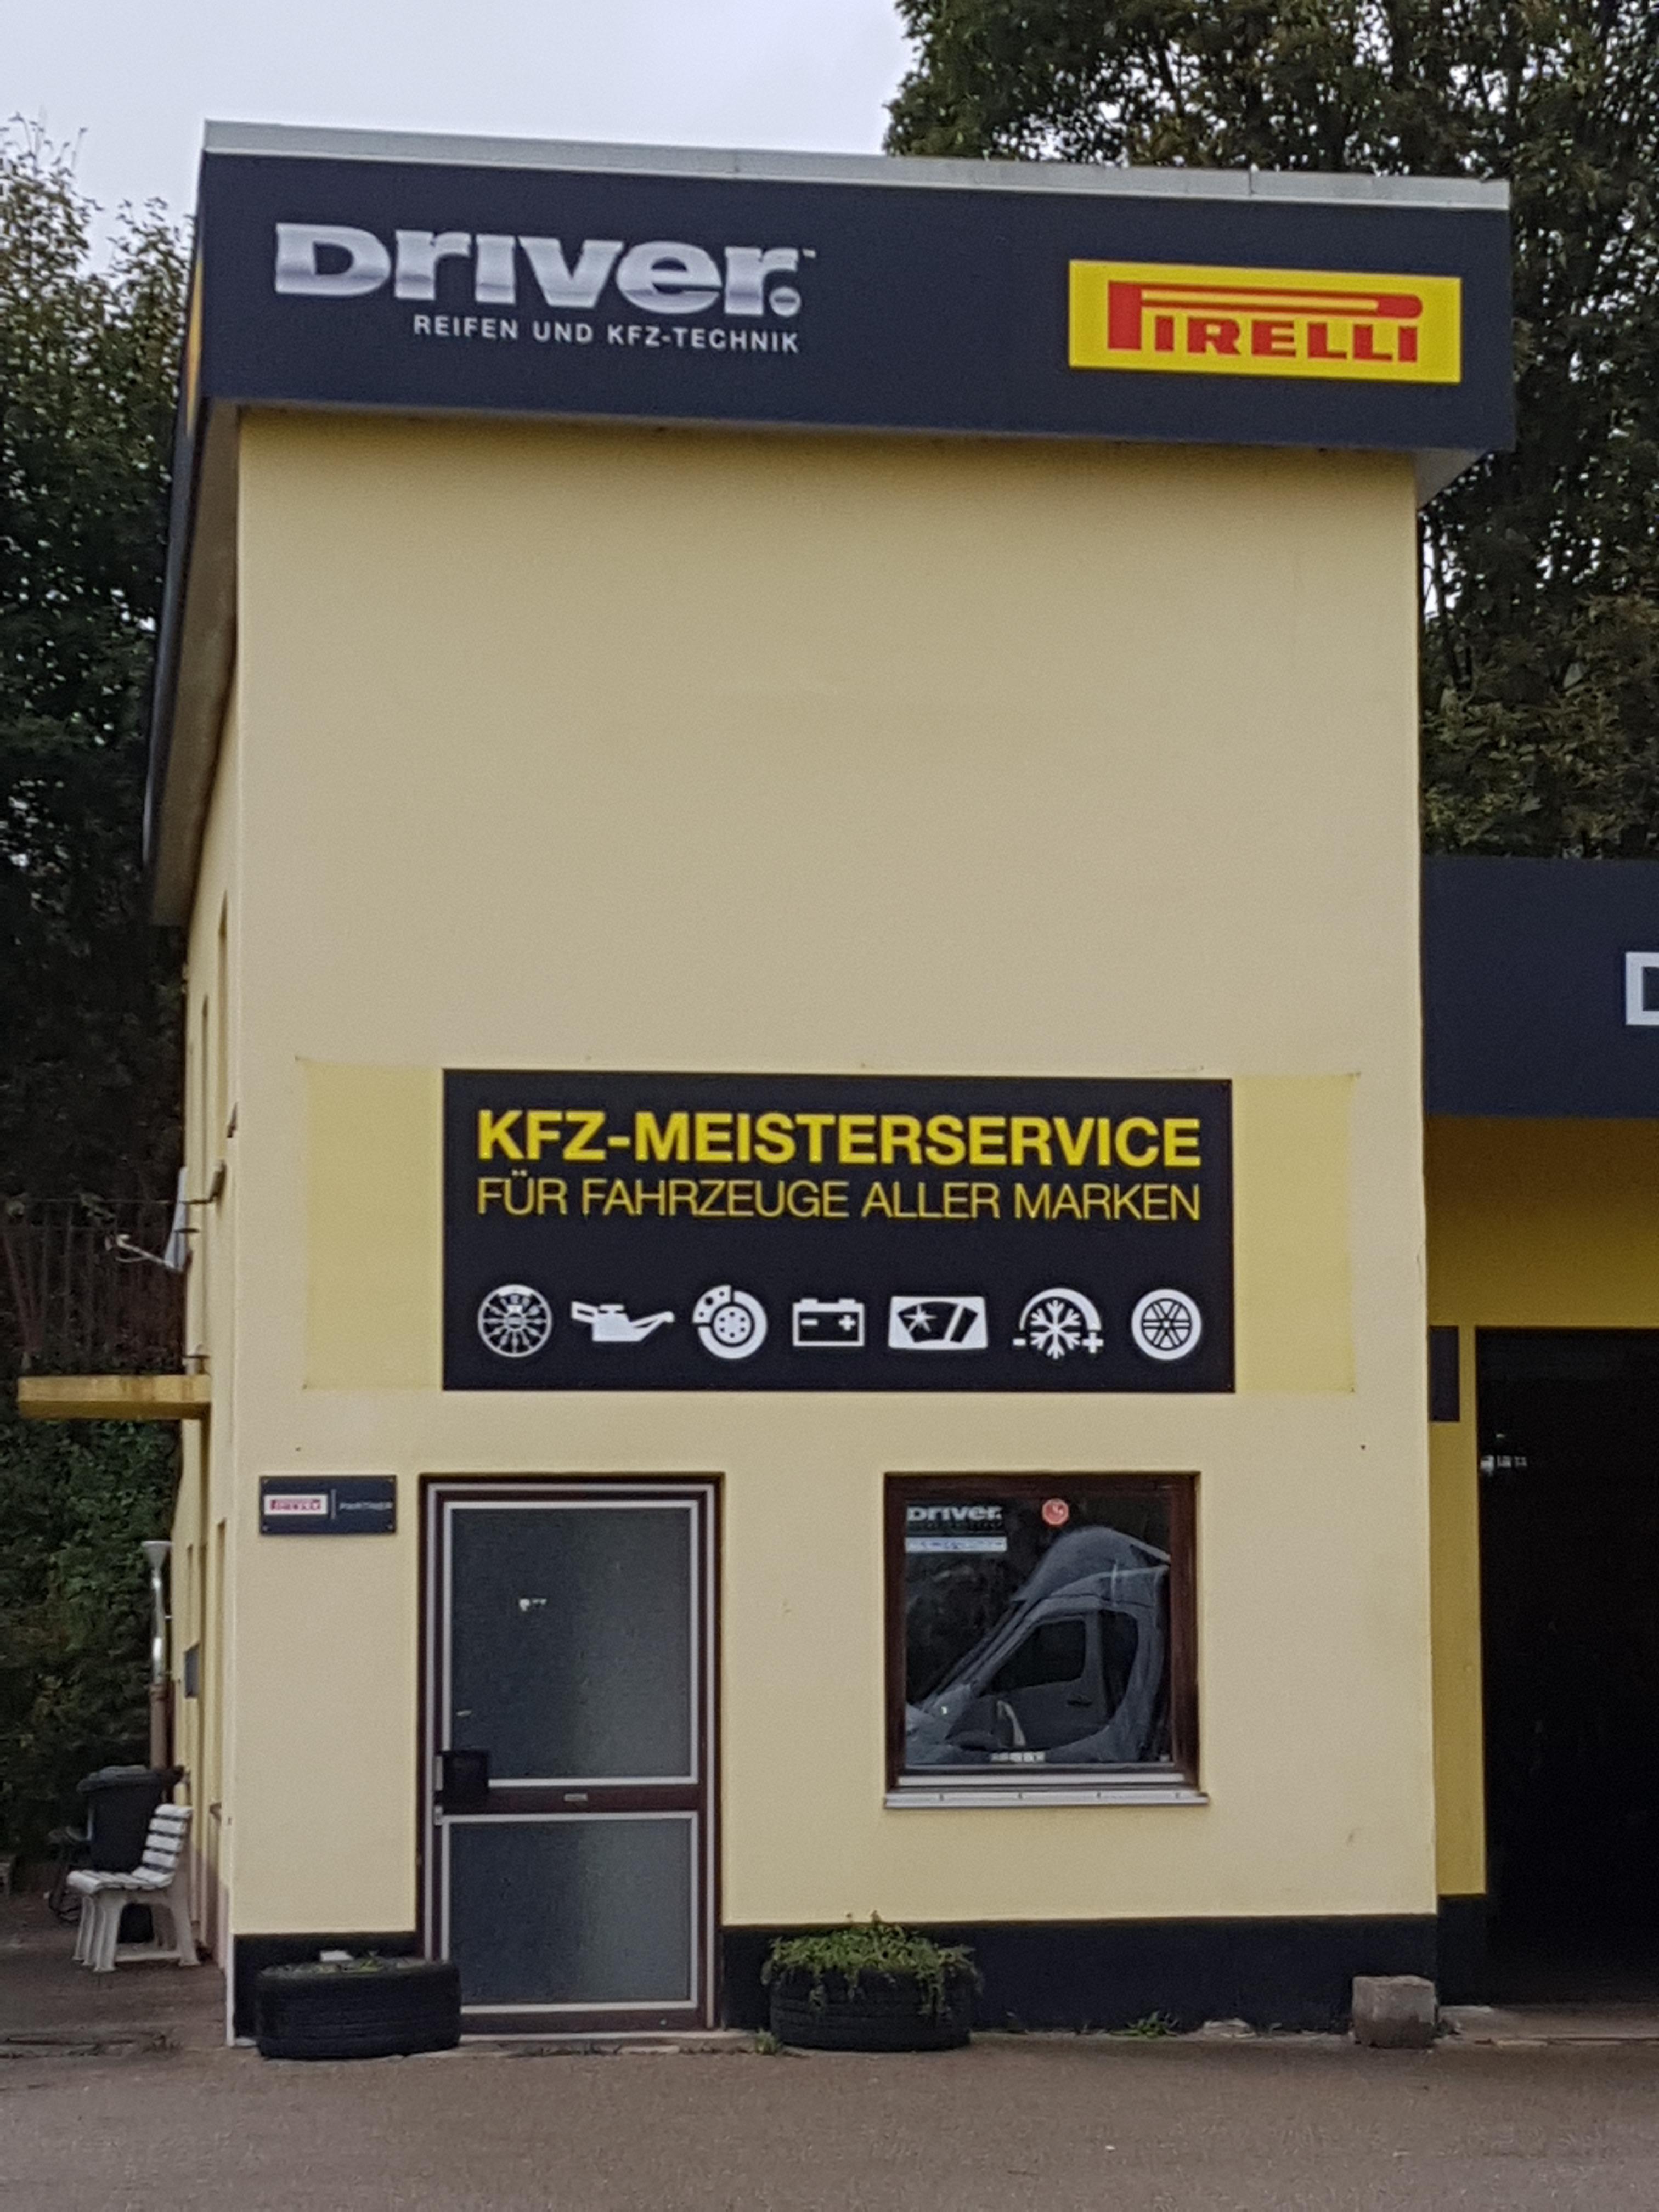 DRIVER CENTER TREUCHTLINGEN - DRIVER REIFEN UND KFZ-TECHNIK GMBH